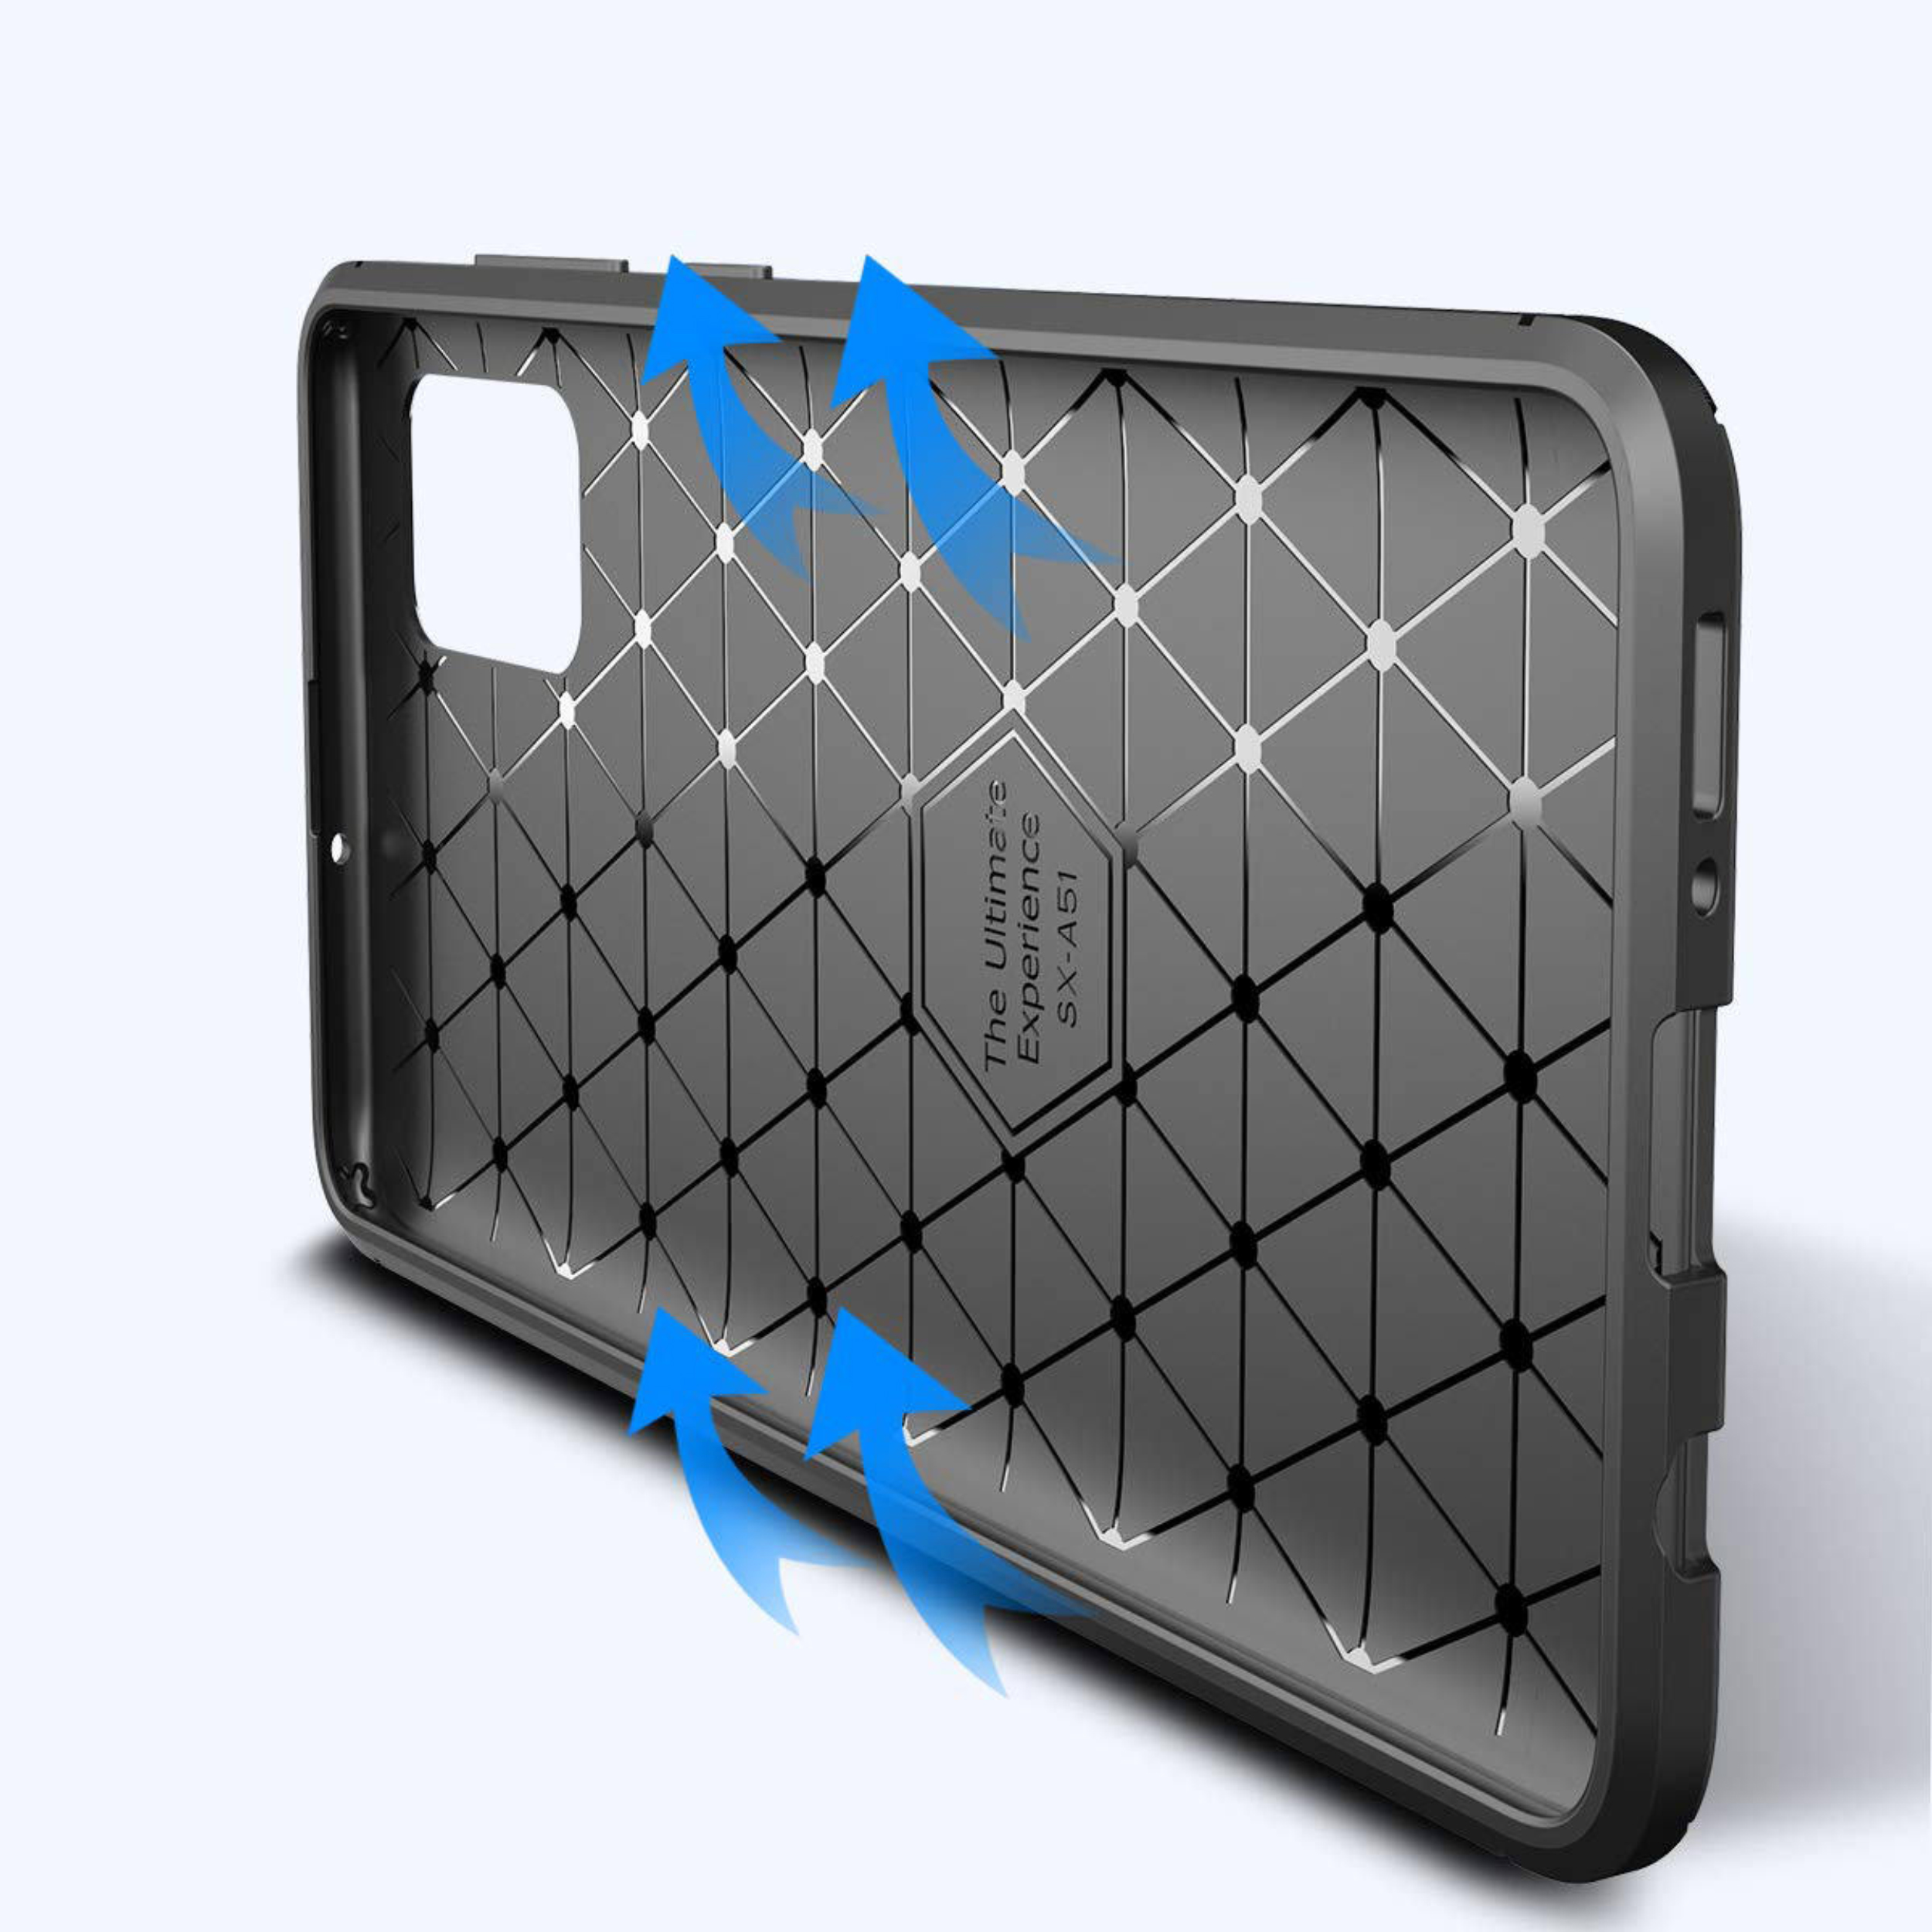 کاور لاین کینگ مدل A21 مناسب برای گوشی موبایل سامسونگ Galaxy A71 thumb 2 11